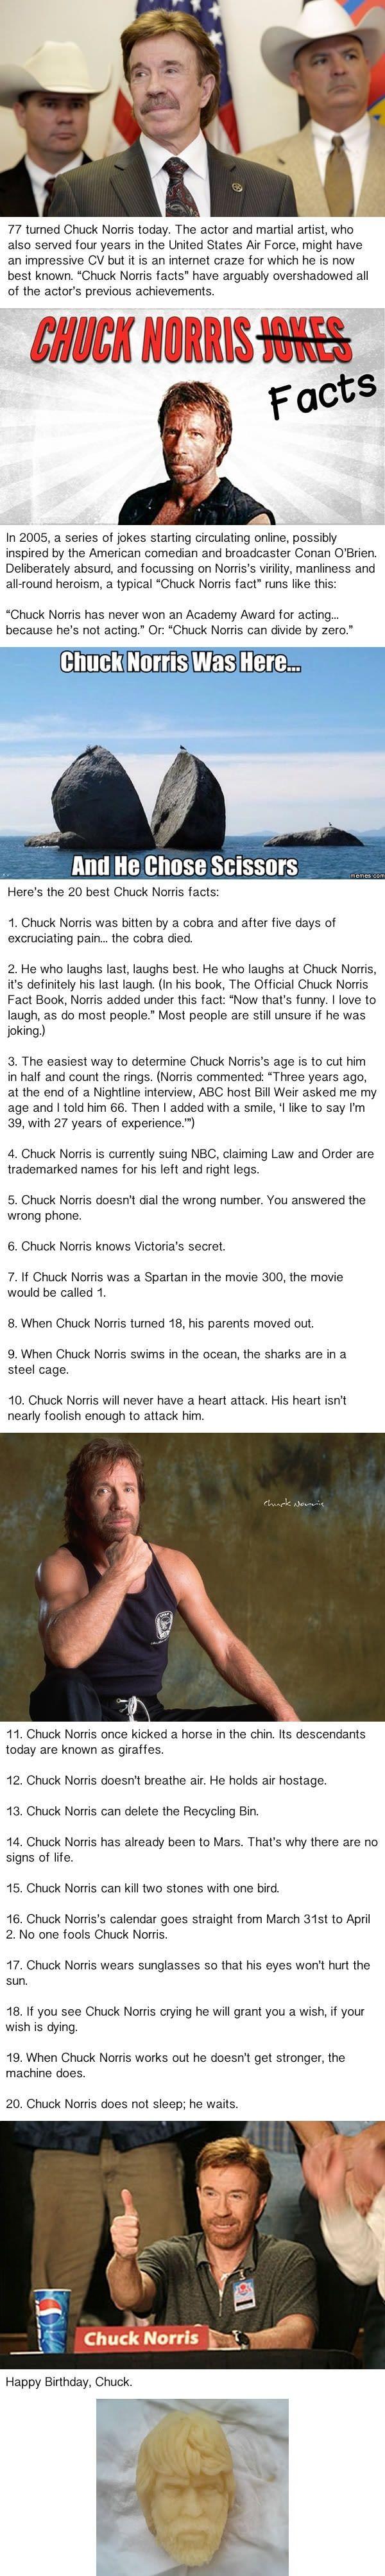 Happy Birthday to Chuck Norris